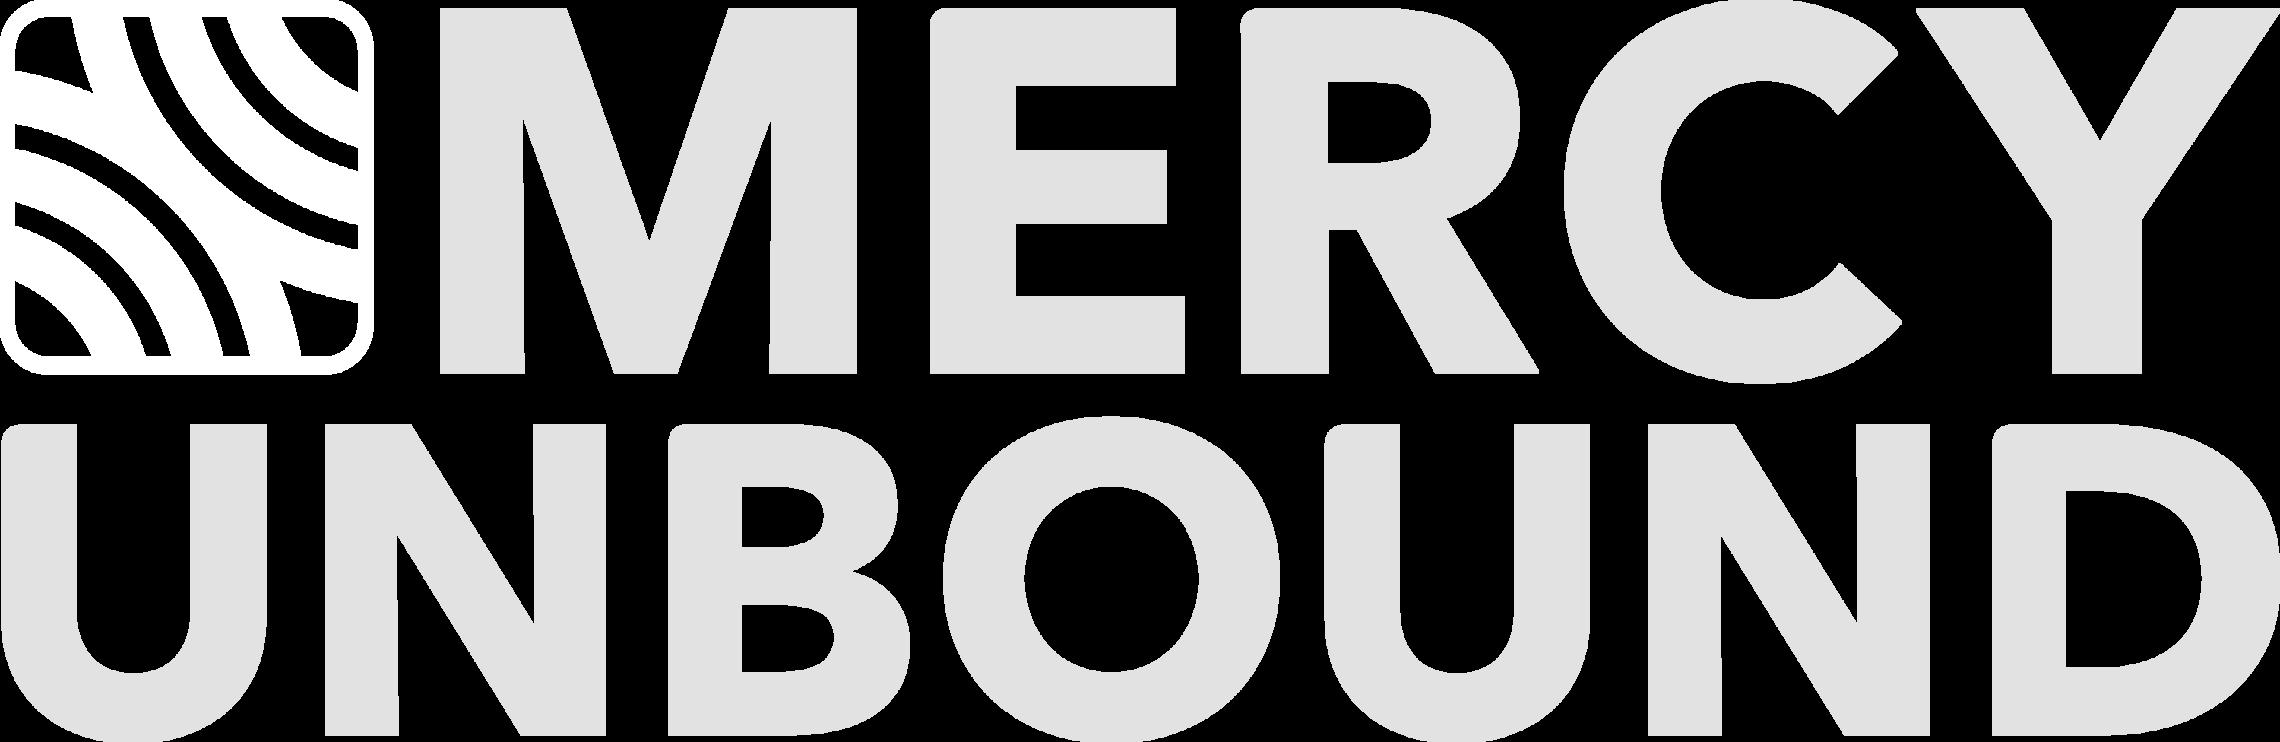 Mercy Unbound Logo Monochrome